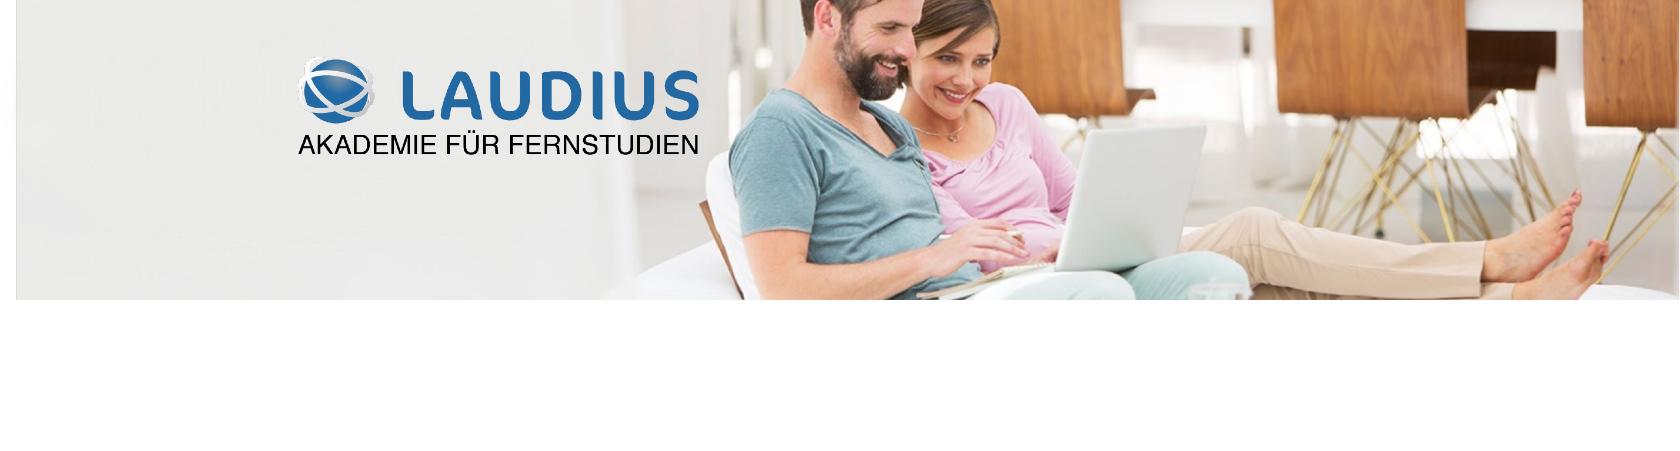 Erfahrungen Laudius